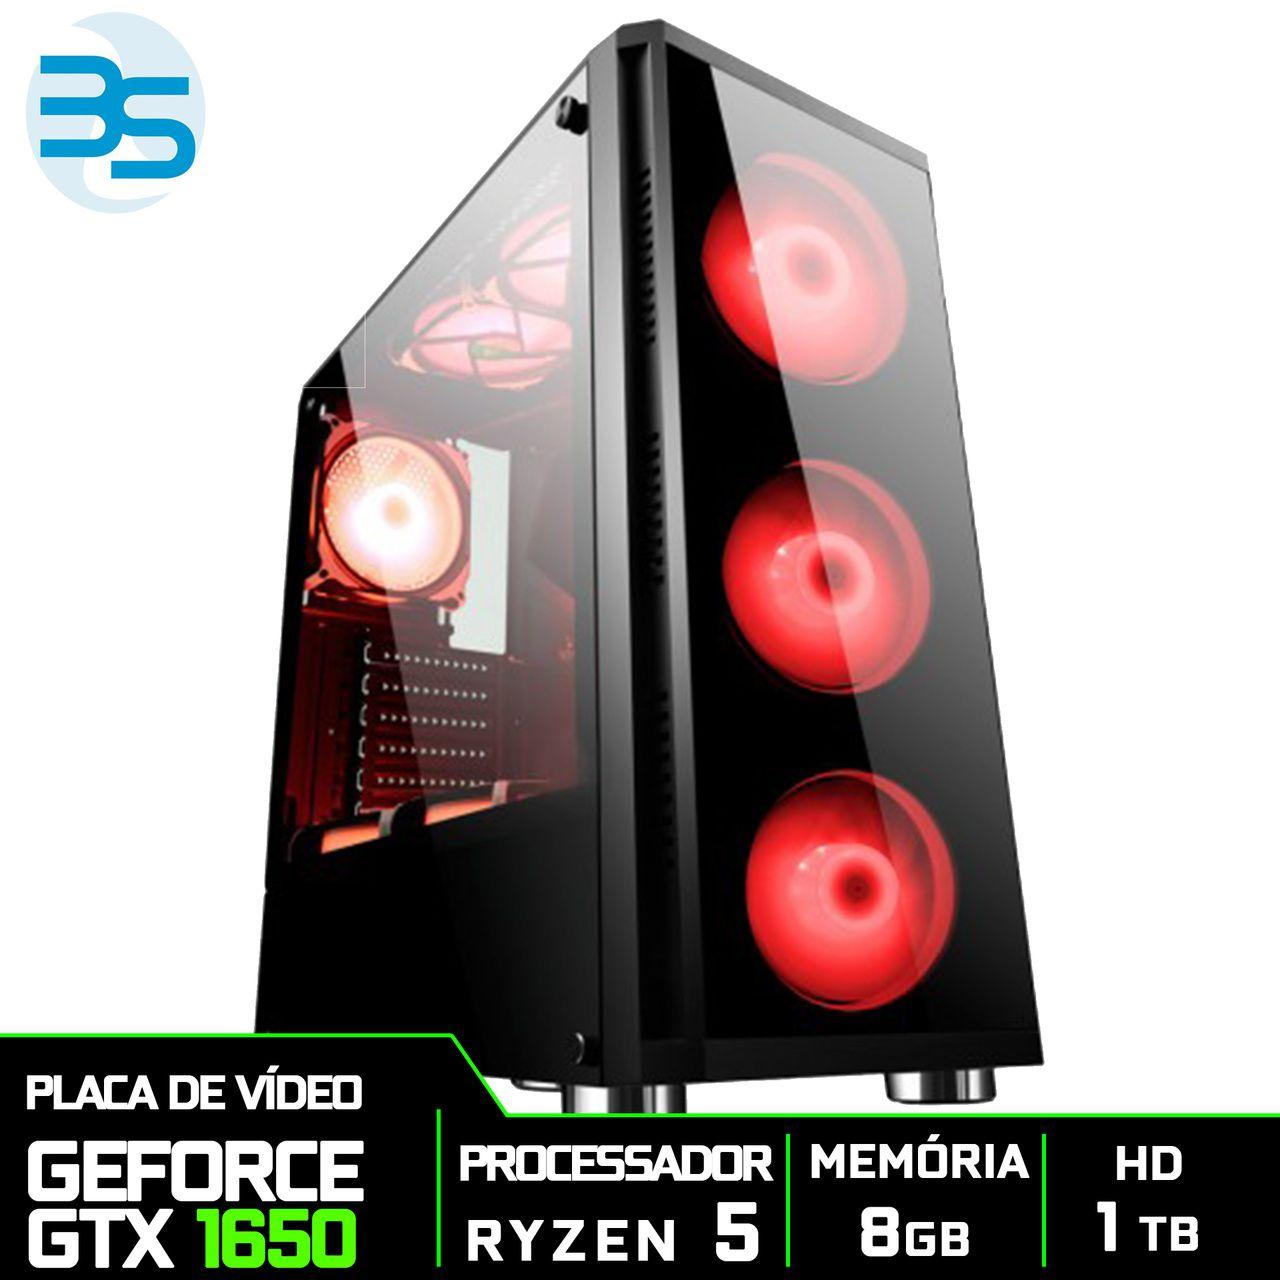 Computador Gamer AMD Ryzen 5 3600, HD 1TB, 8GB DDR4, 500W, GTX 1650 4GB